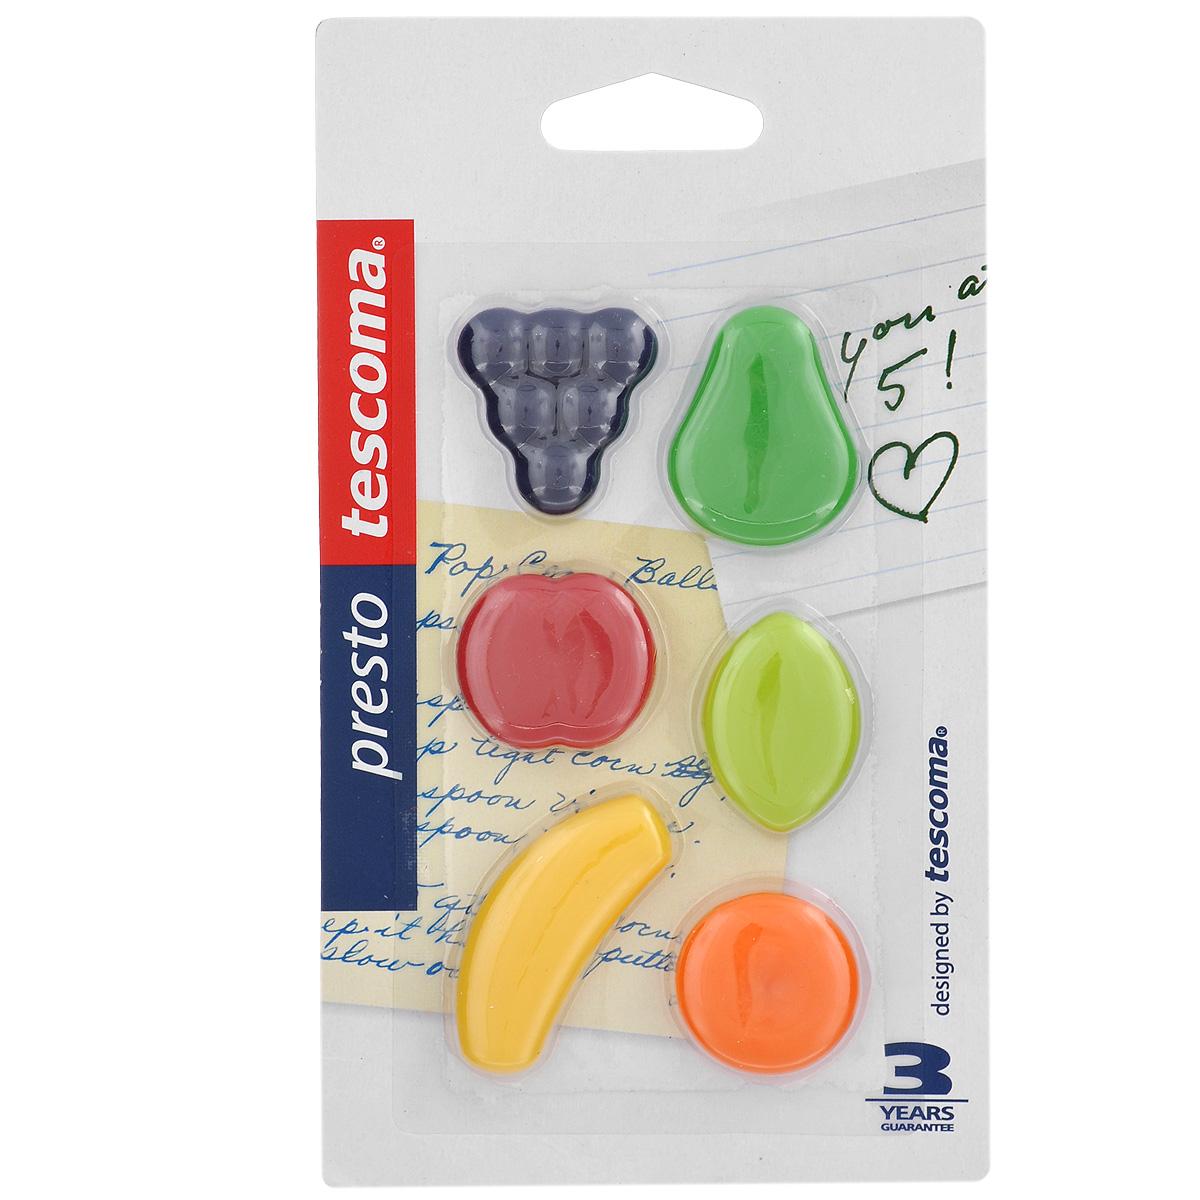 Магниты на холодильник Tescoma Presto, 6 шт420852Магниты на холодильник Tescoma Presto отлично подходят для фиксирования рецептов, заметок на кухне. Изготовлены из прочного высококачественного пластика и магнита. Не предназначены как игрушка для детей. Средний размер магнита: 3 см х 2 см.